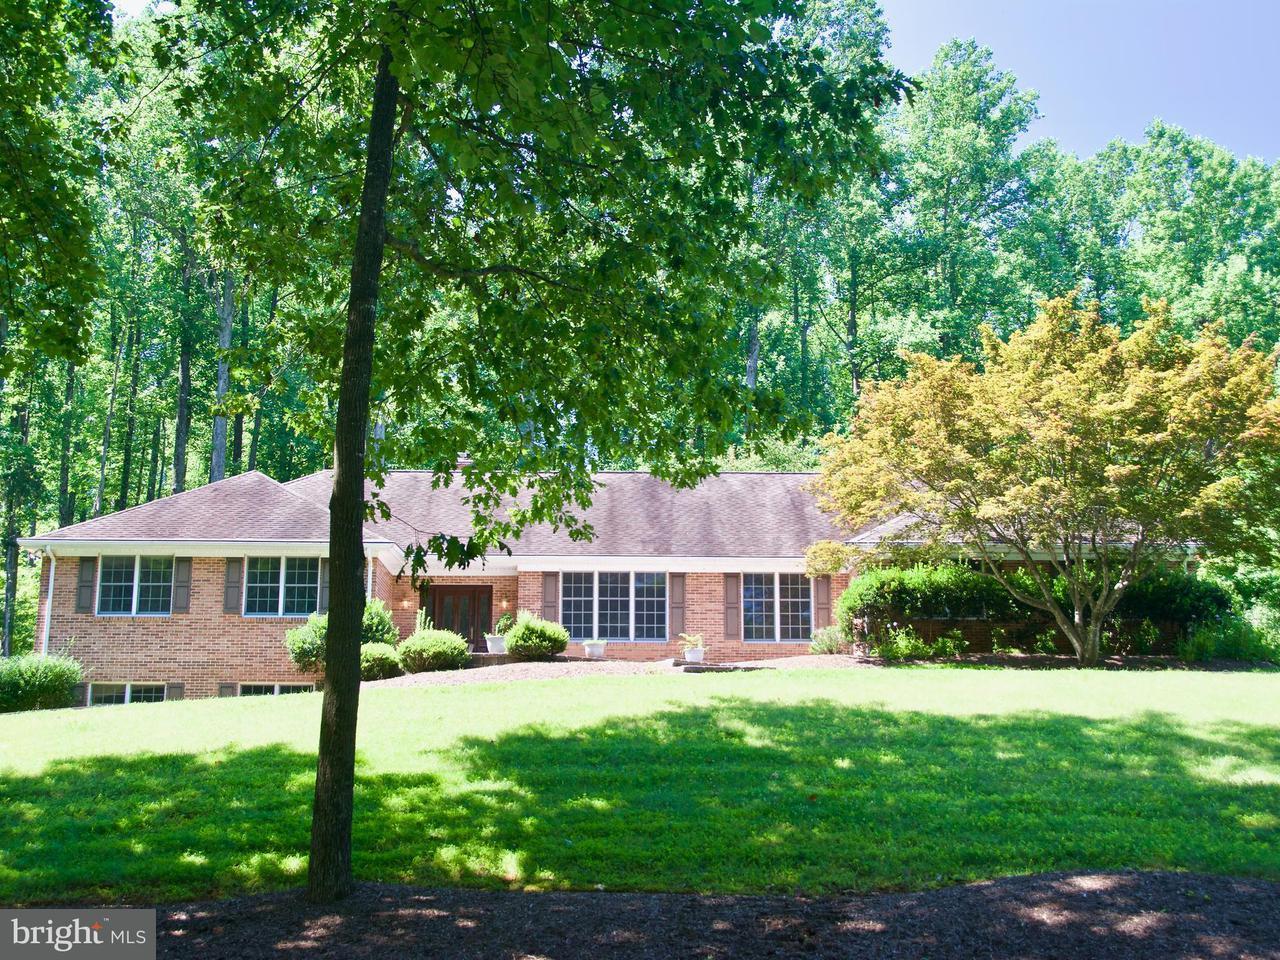 Maison unifamiliale pour l Vente à 5920 HUNTON WOOD Drive 5920 HUNTON WOOD Drive Broad Run, Virginia 20137 États-Unis